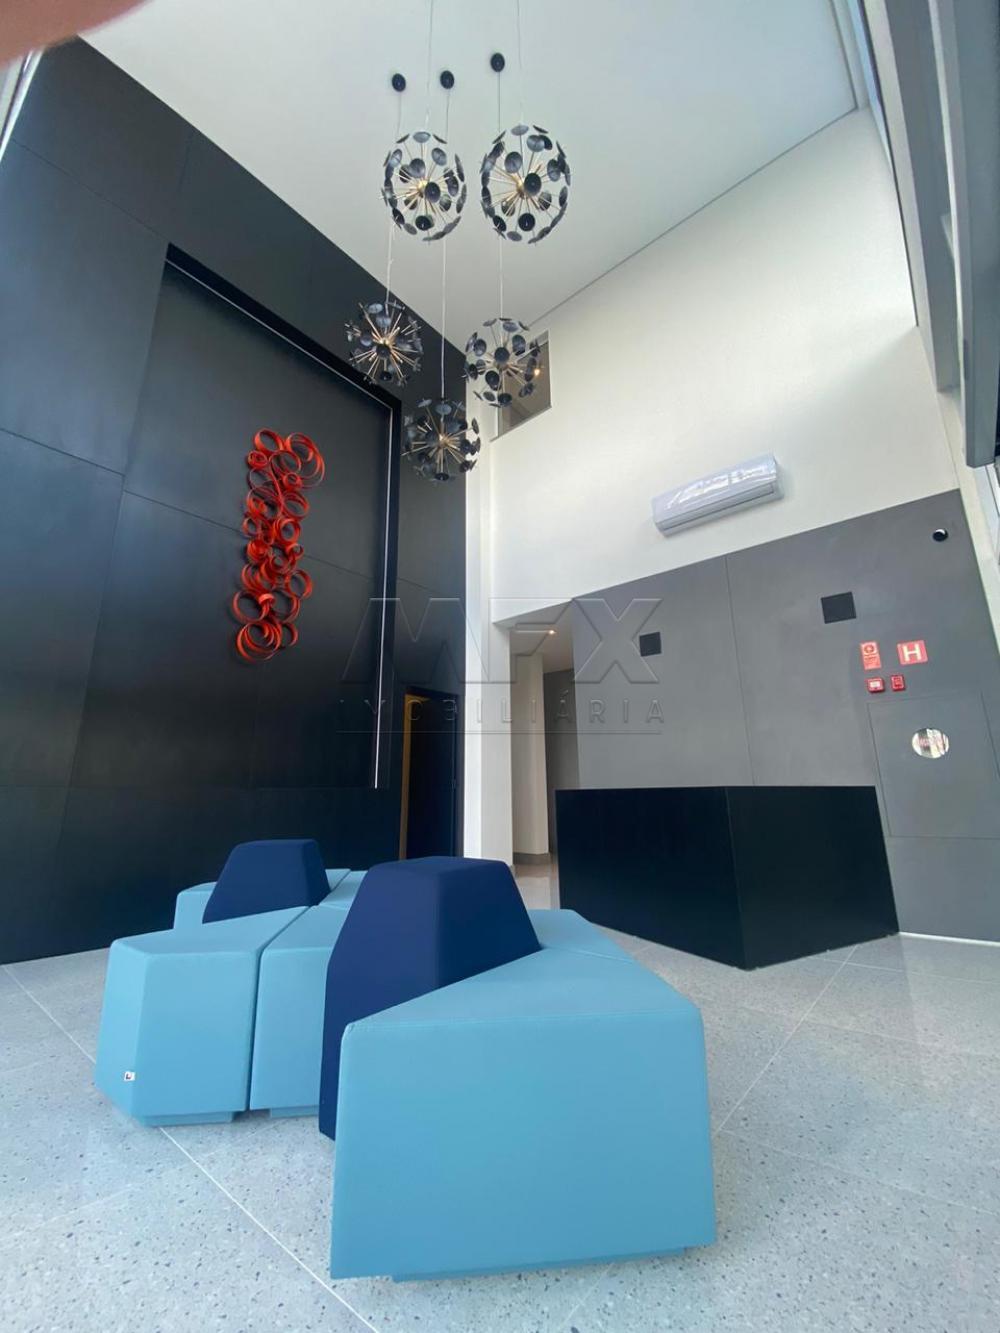 Comprar Apartamento / Padrão em Bauru apenas R$ 275.000,00 - Foto 2